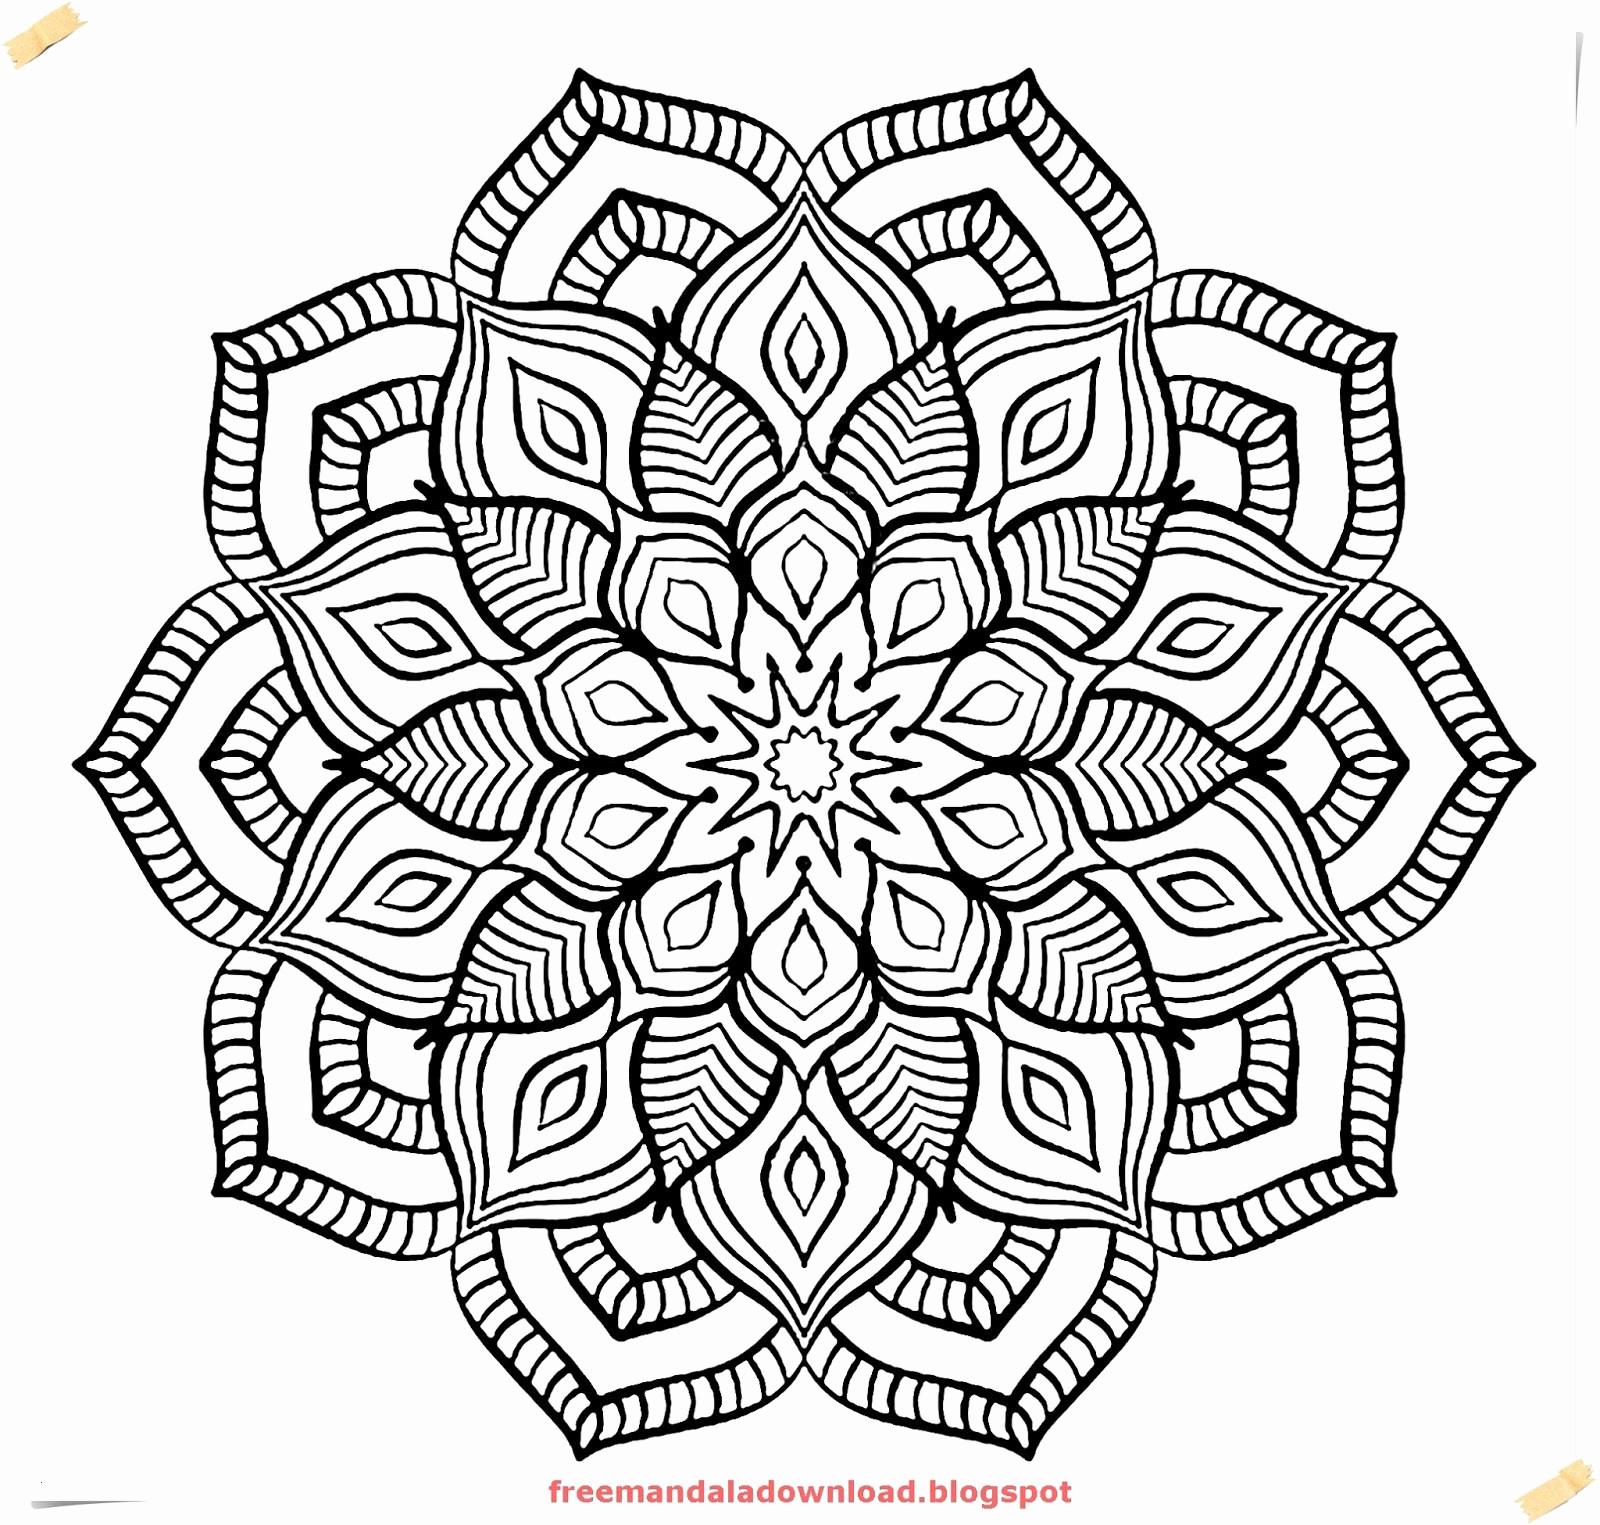 Mandala Zum Ausdrucken Erwachsene Einzigartig Schwierige Mandalas Zum Ausdrucken Bilder Malvorlagen Igel Elegant Bilder